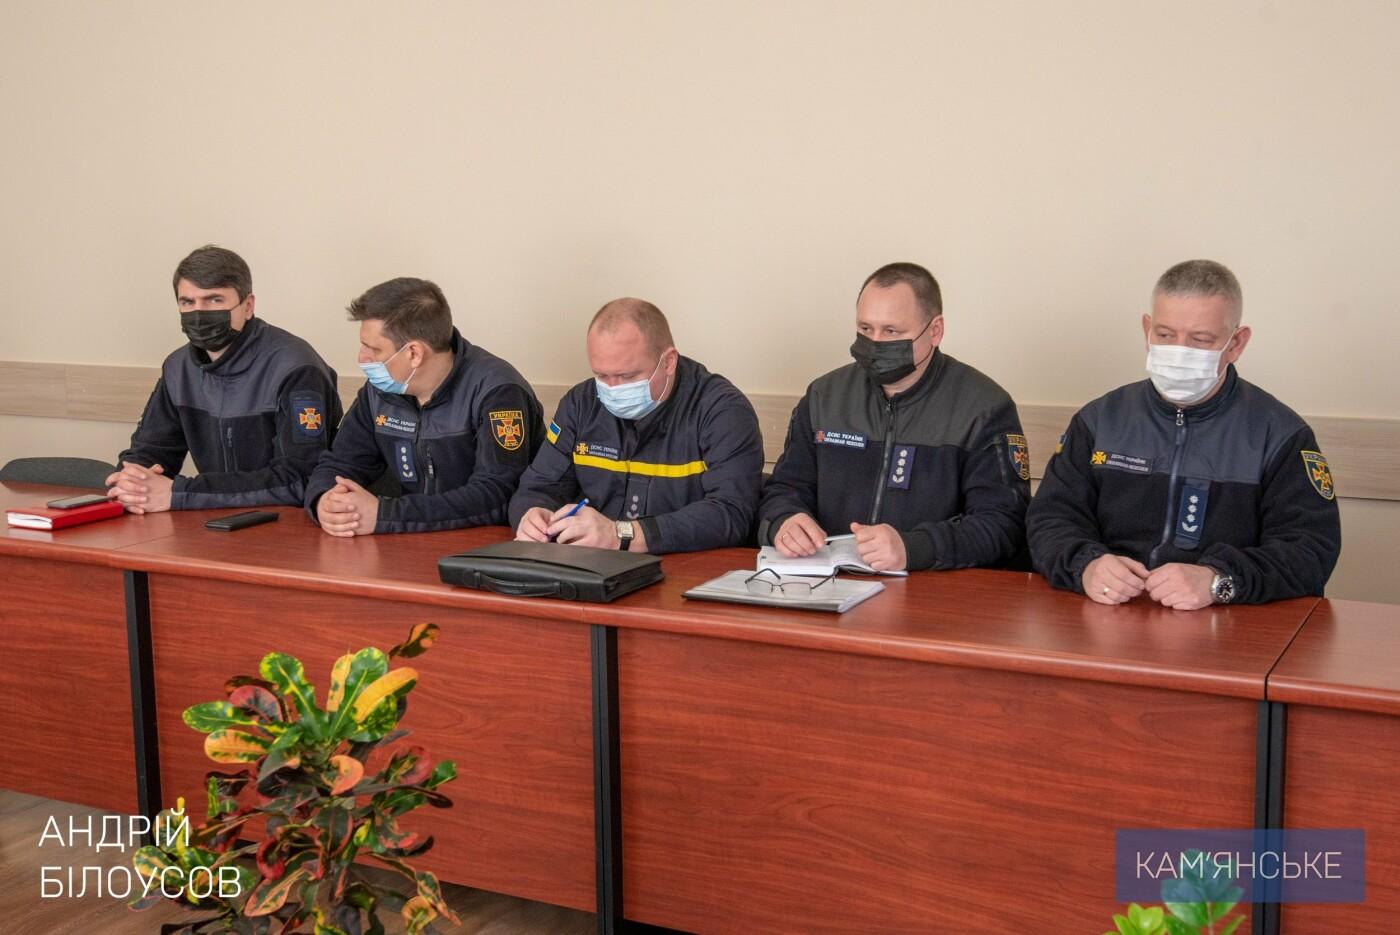 В Каменском стартовала контрольная проверка деятельности аварийно-спасательных служб, фото-2